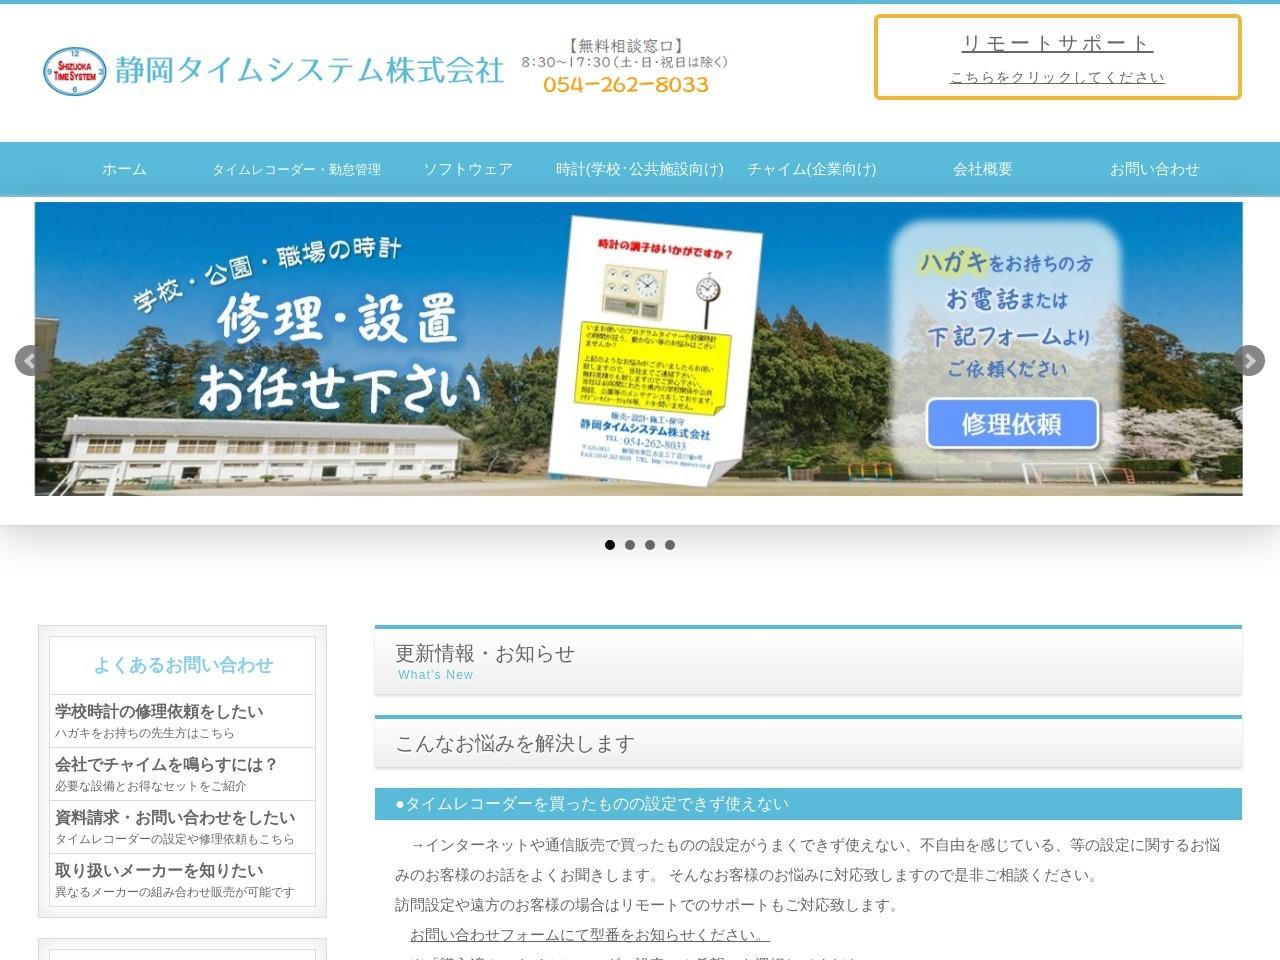 静岡タイムシステム株式会社